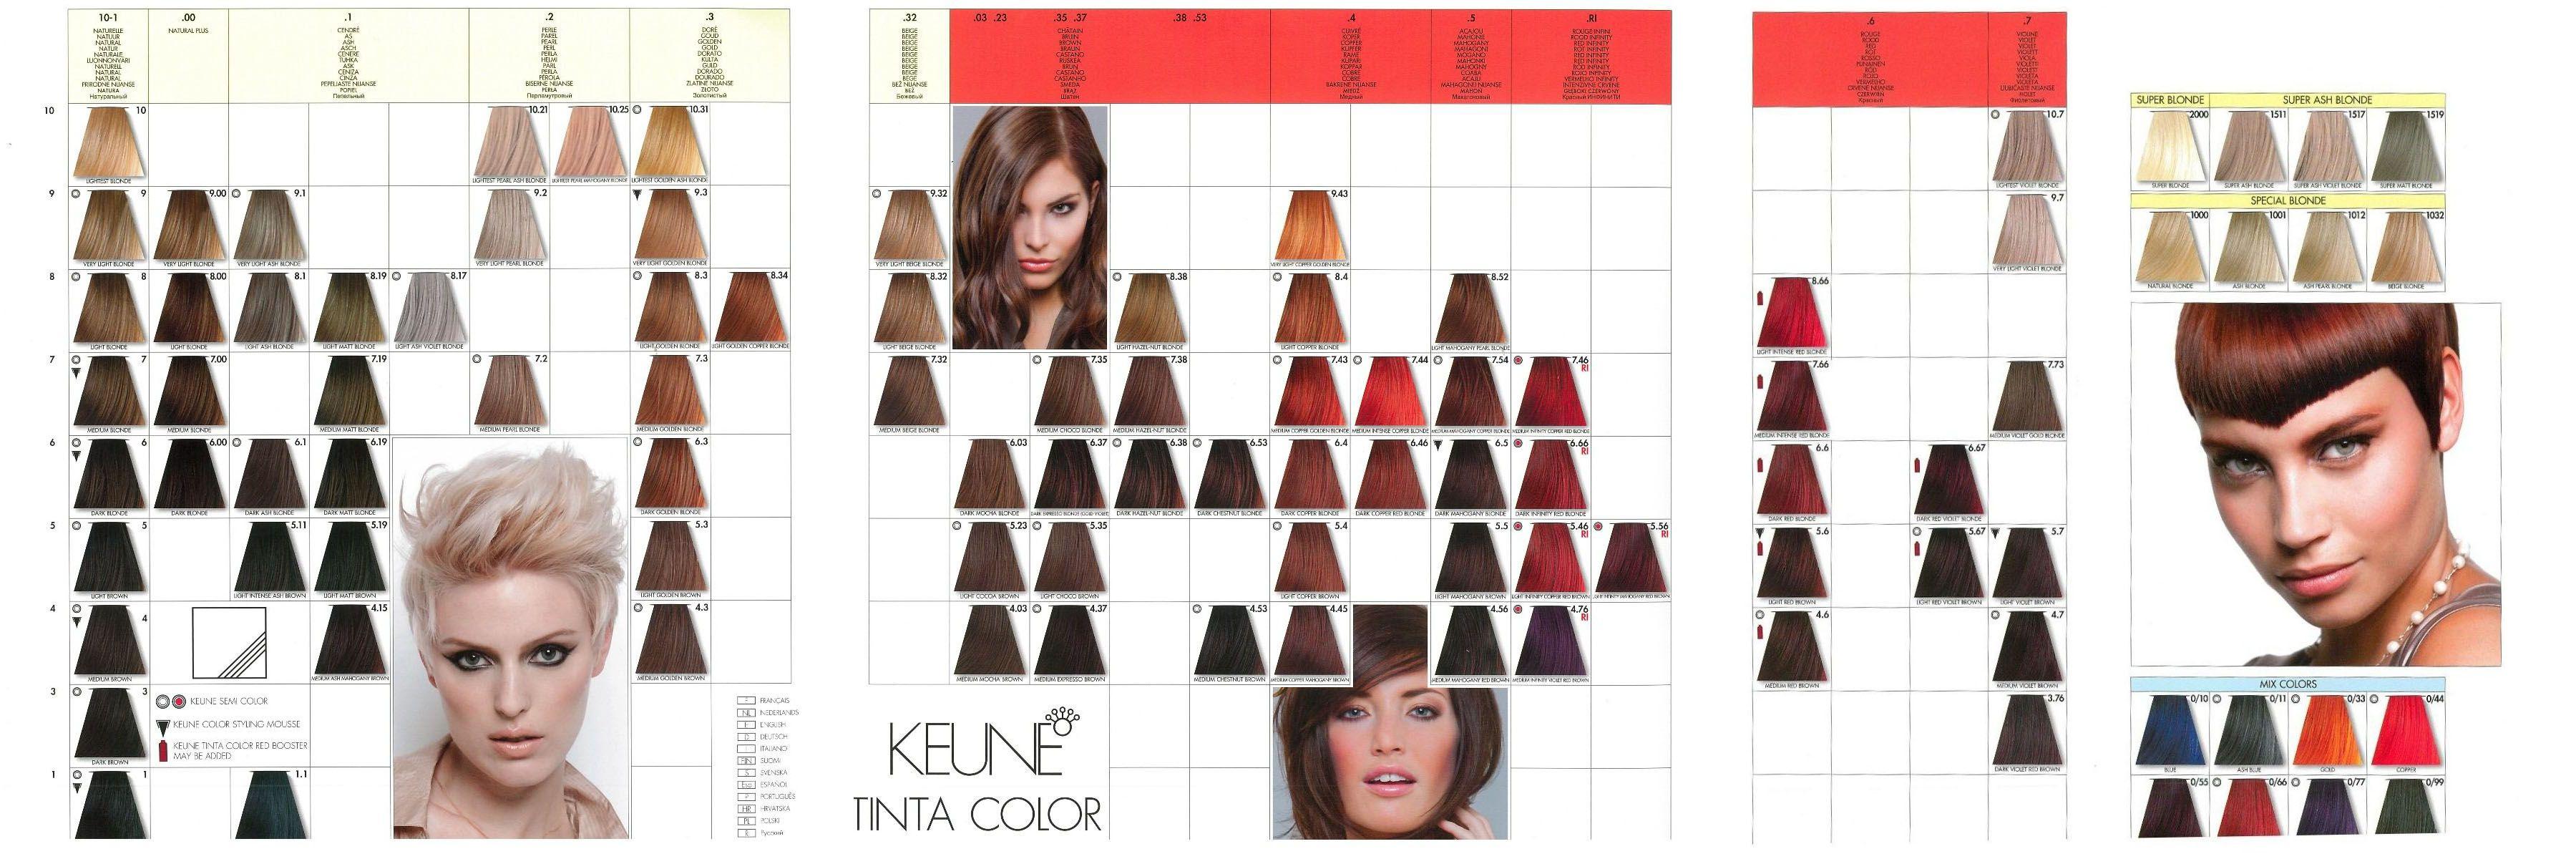 Keune Tinta Color Shade Palette 2015 Keune Pinterest Ash